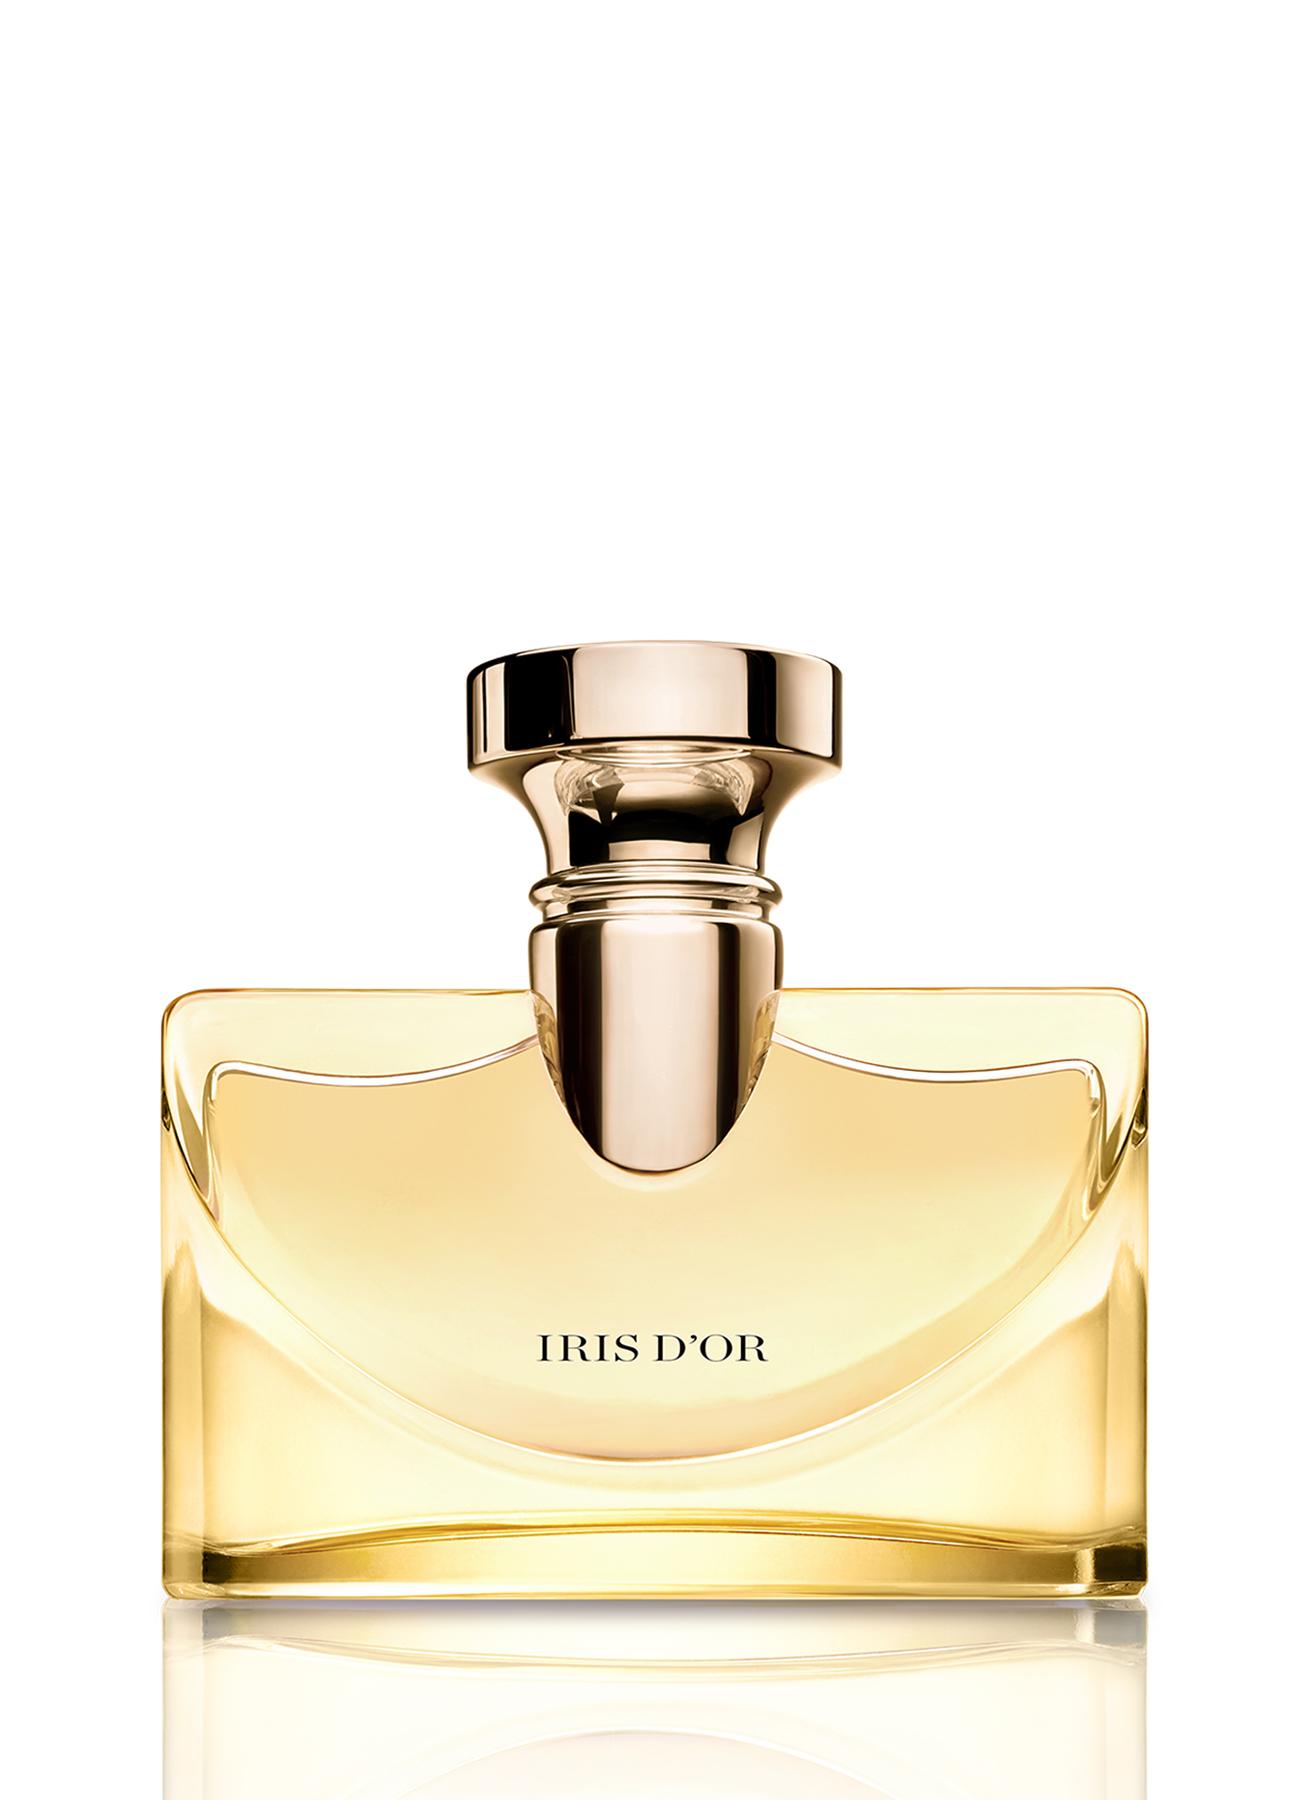 Bvlgari Splendida Iris D or Edp 50 ml Kadın Parfüm 5000156187001 Ürün Resmi